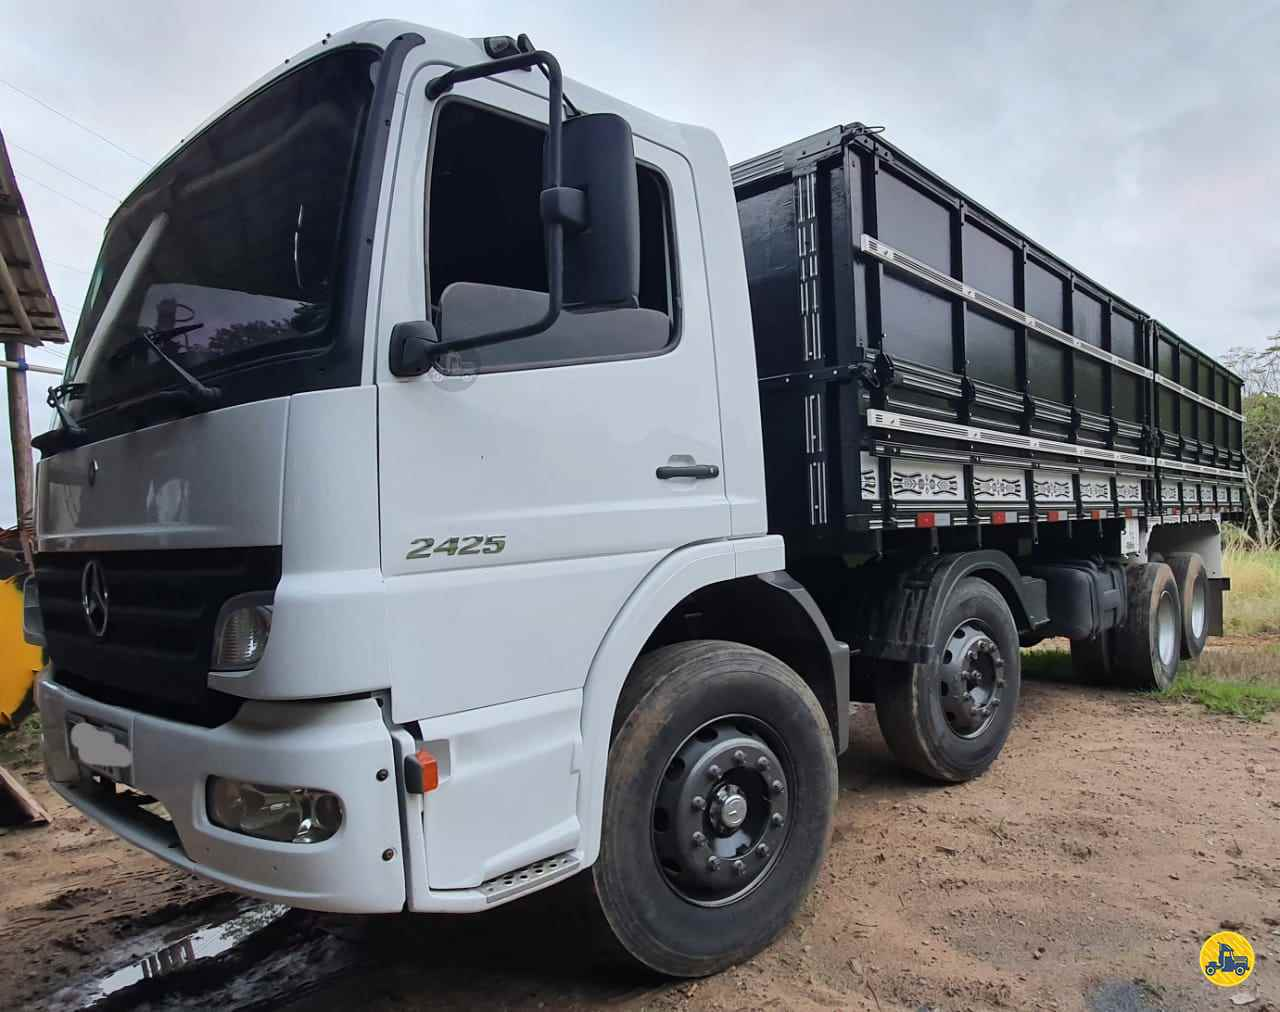 CAMINHAO MERCEDES-BENZ MB 2425 Cavalo Mecânico BiTruck 8x2 Pedro Rosa Caminhões PICARRAS SANTA CATARINA SC